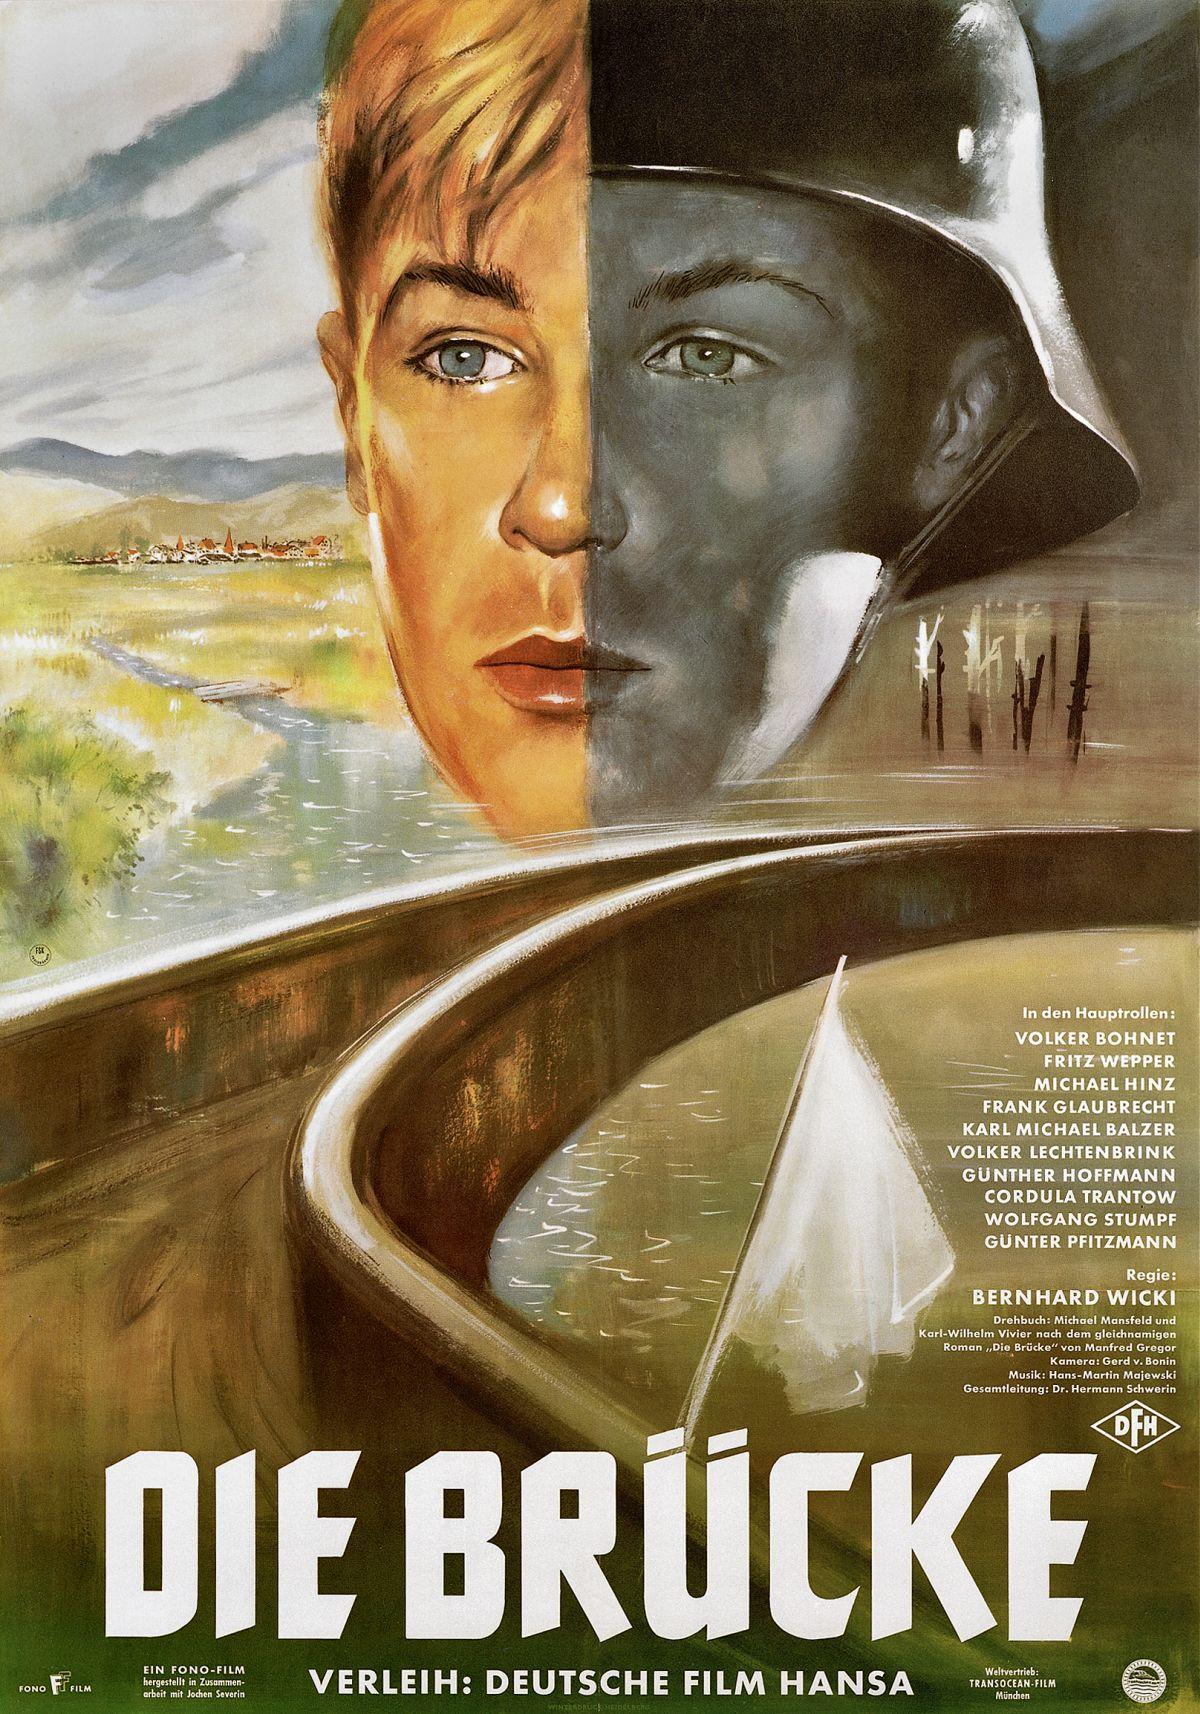 Eine Brücke führt vom Betrachter weg über einen Fluss, darüber ein zweigeteiltes Gesicht eines Teenagers, das den Jungen einerseits farbig und blond, andererseits schwarz-weiß und mit Soldatenhelm zeigt.